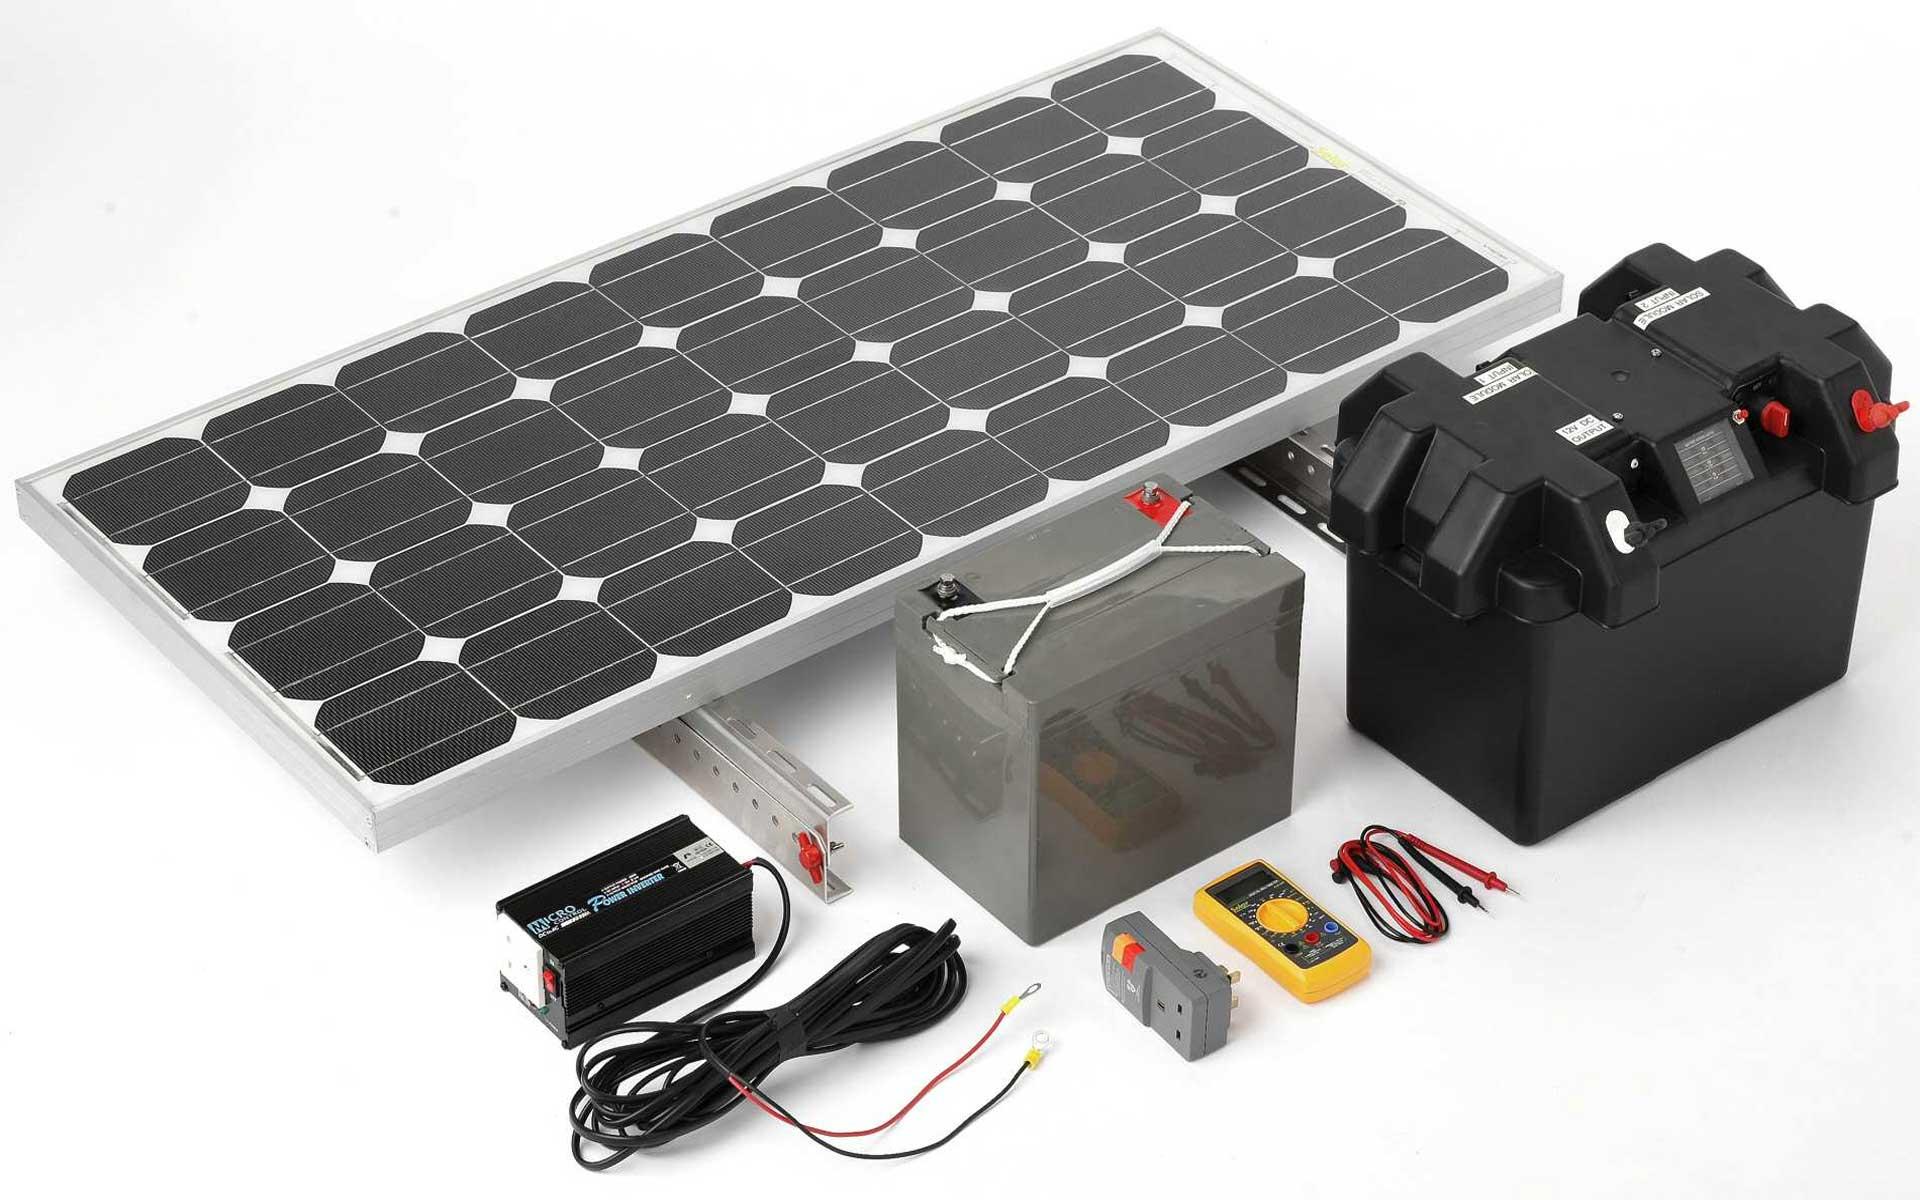 Tudo sobre o que compõe o Kit de Energia Solar